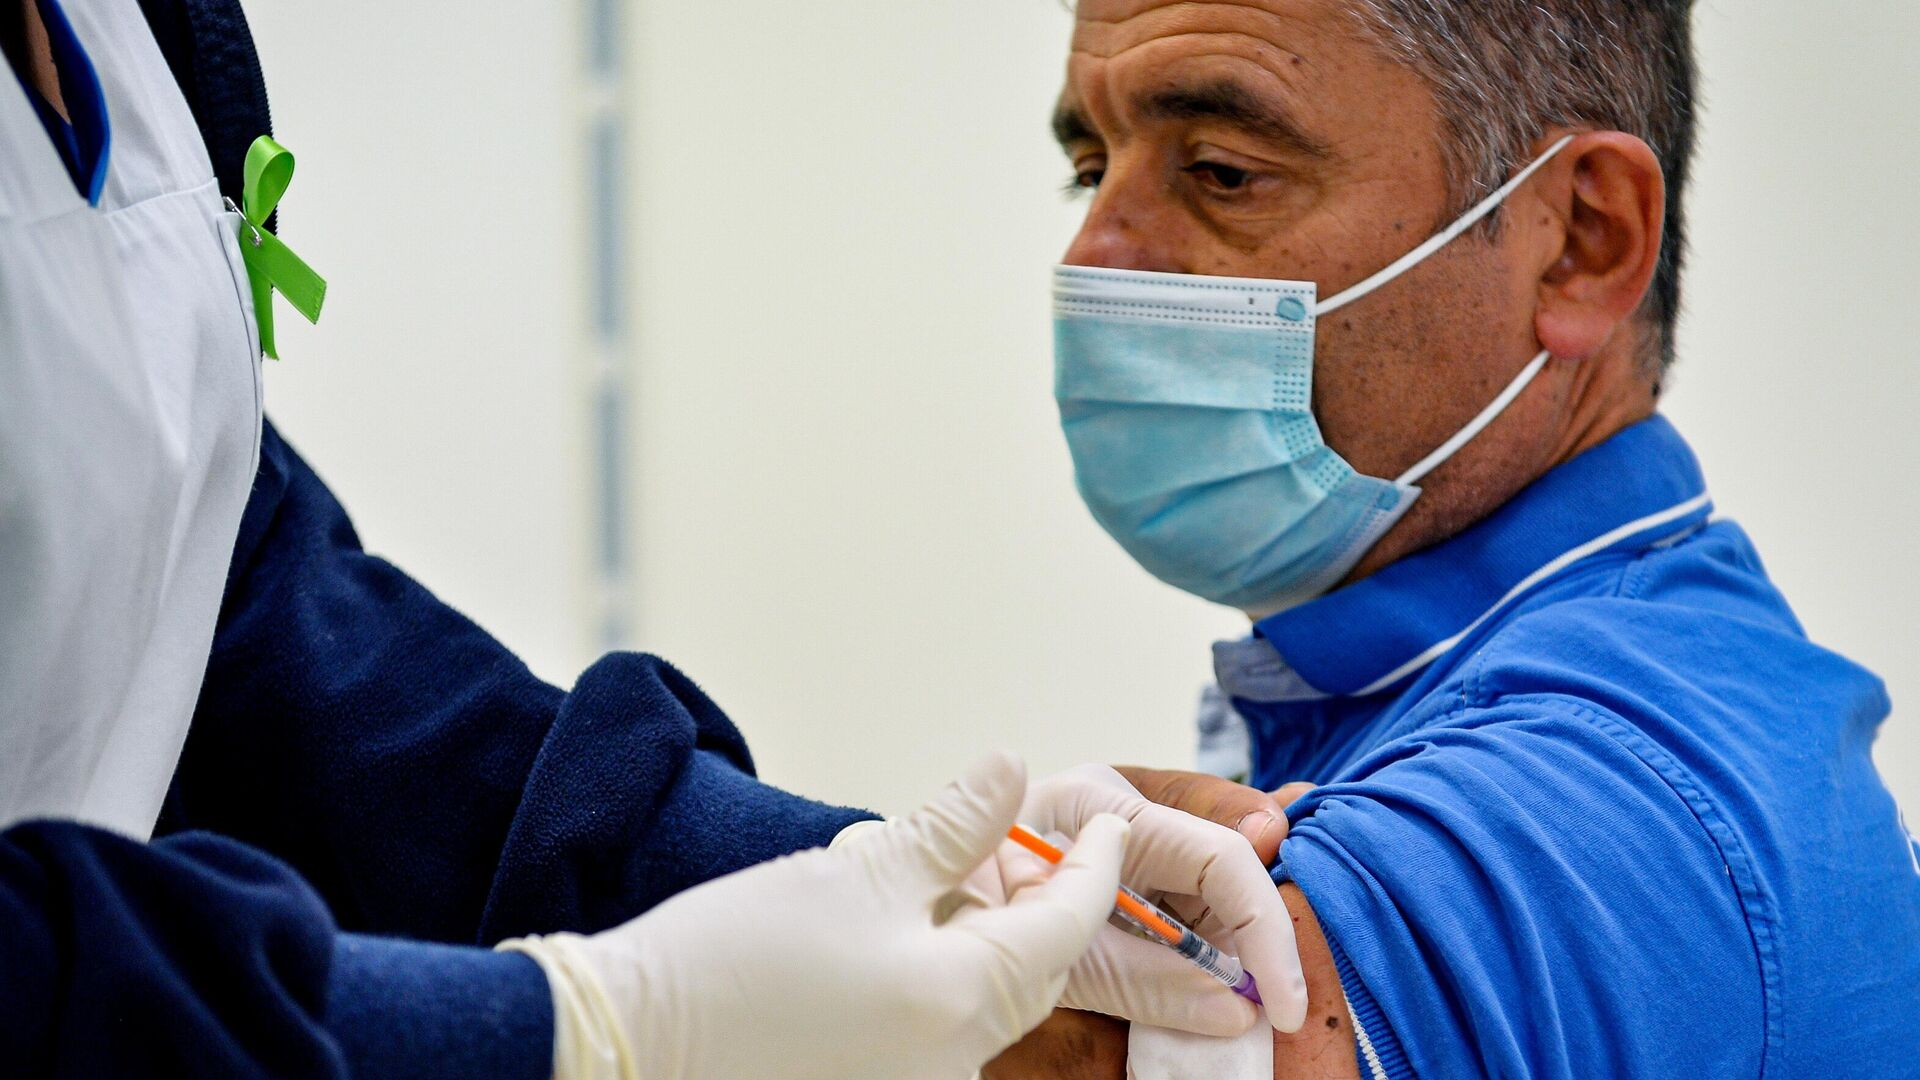 В Сан-Марино открылся прививочный туризм для желающих вакцинироваться Спутником V - Sputnik Таджикистан, 1920, 18.06.2021